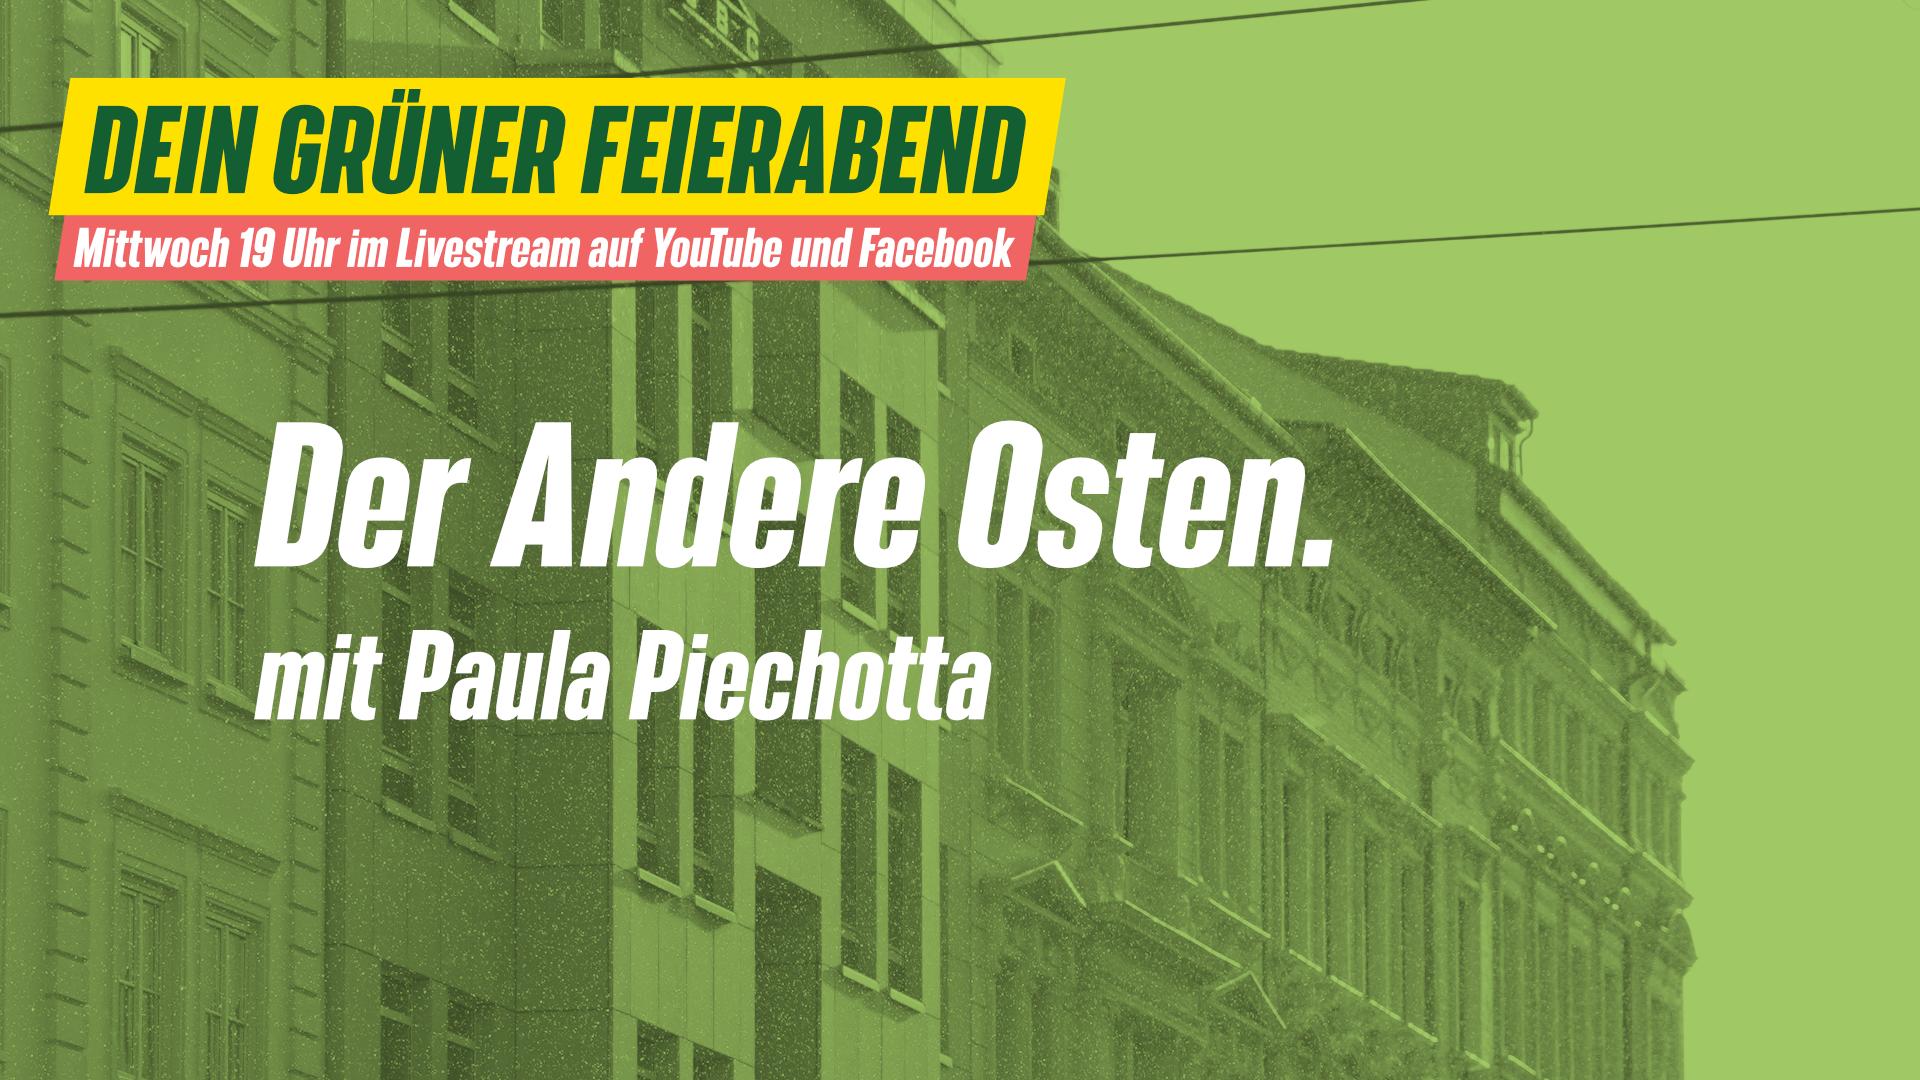 Der andere Osten – Dein grüner Feierabend – mit Paula Piechotta